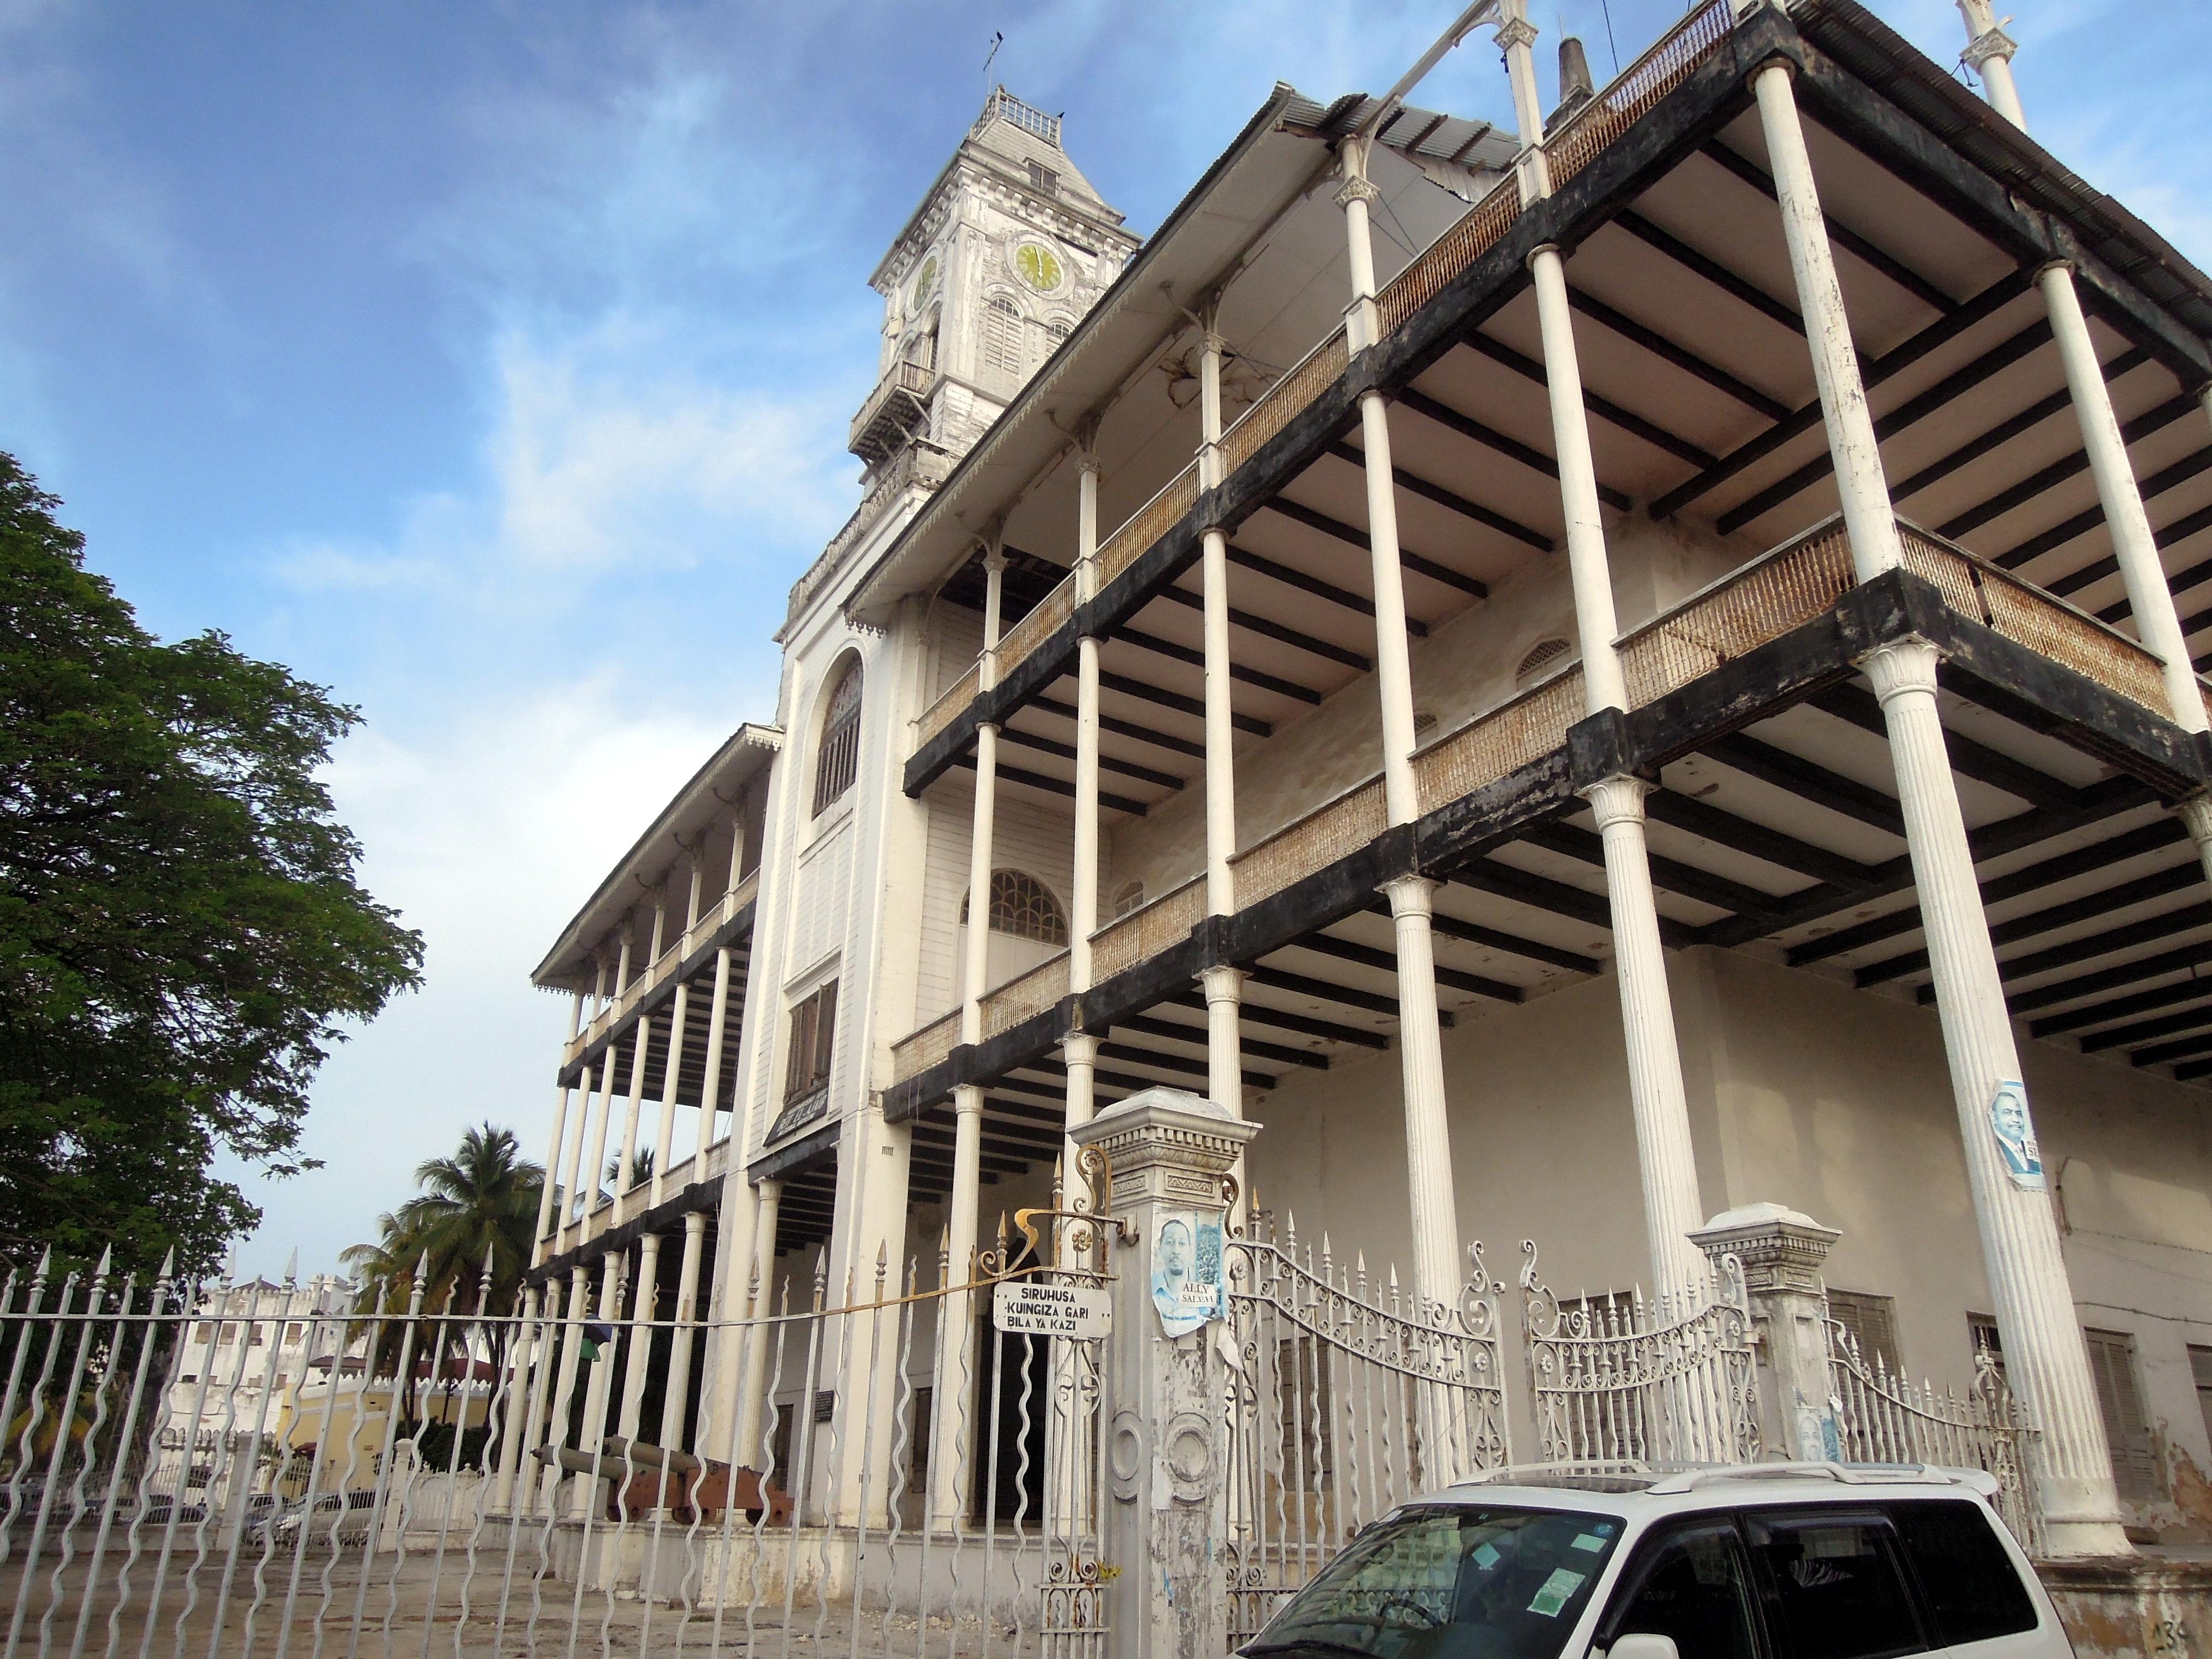 House of wonders, kiedyś pałac sułtana, Stone Town, Zanzibar, Tanzania, fot. M. Lehrmann